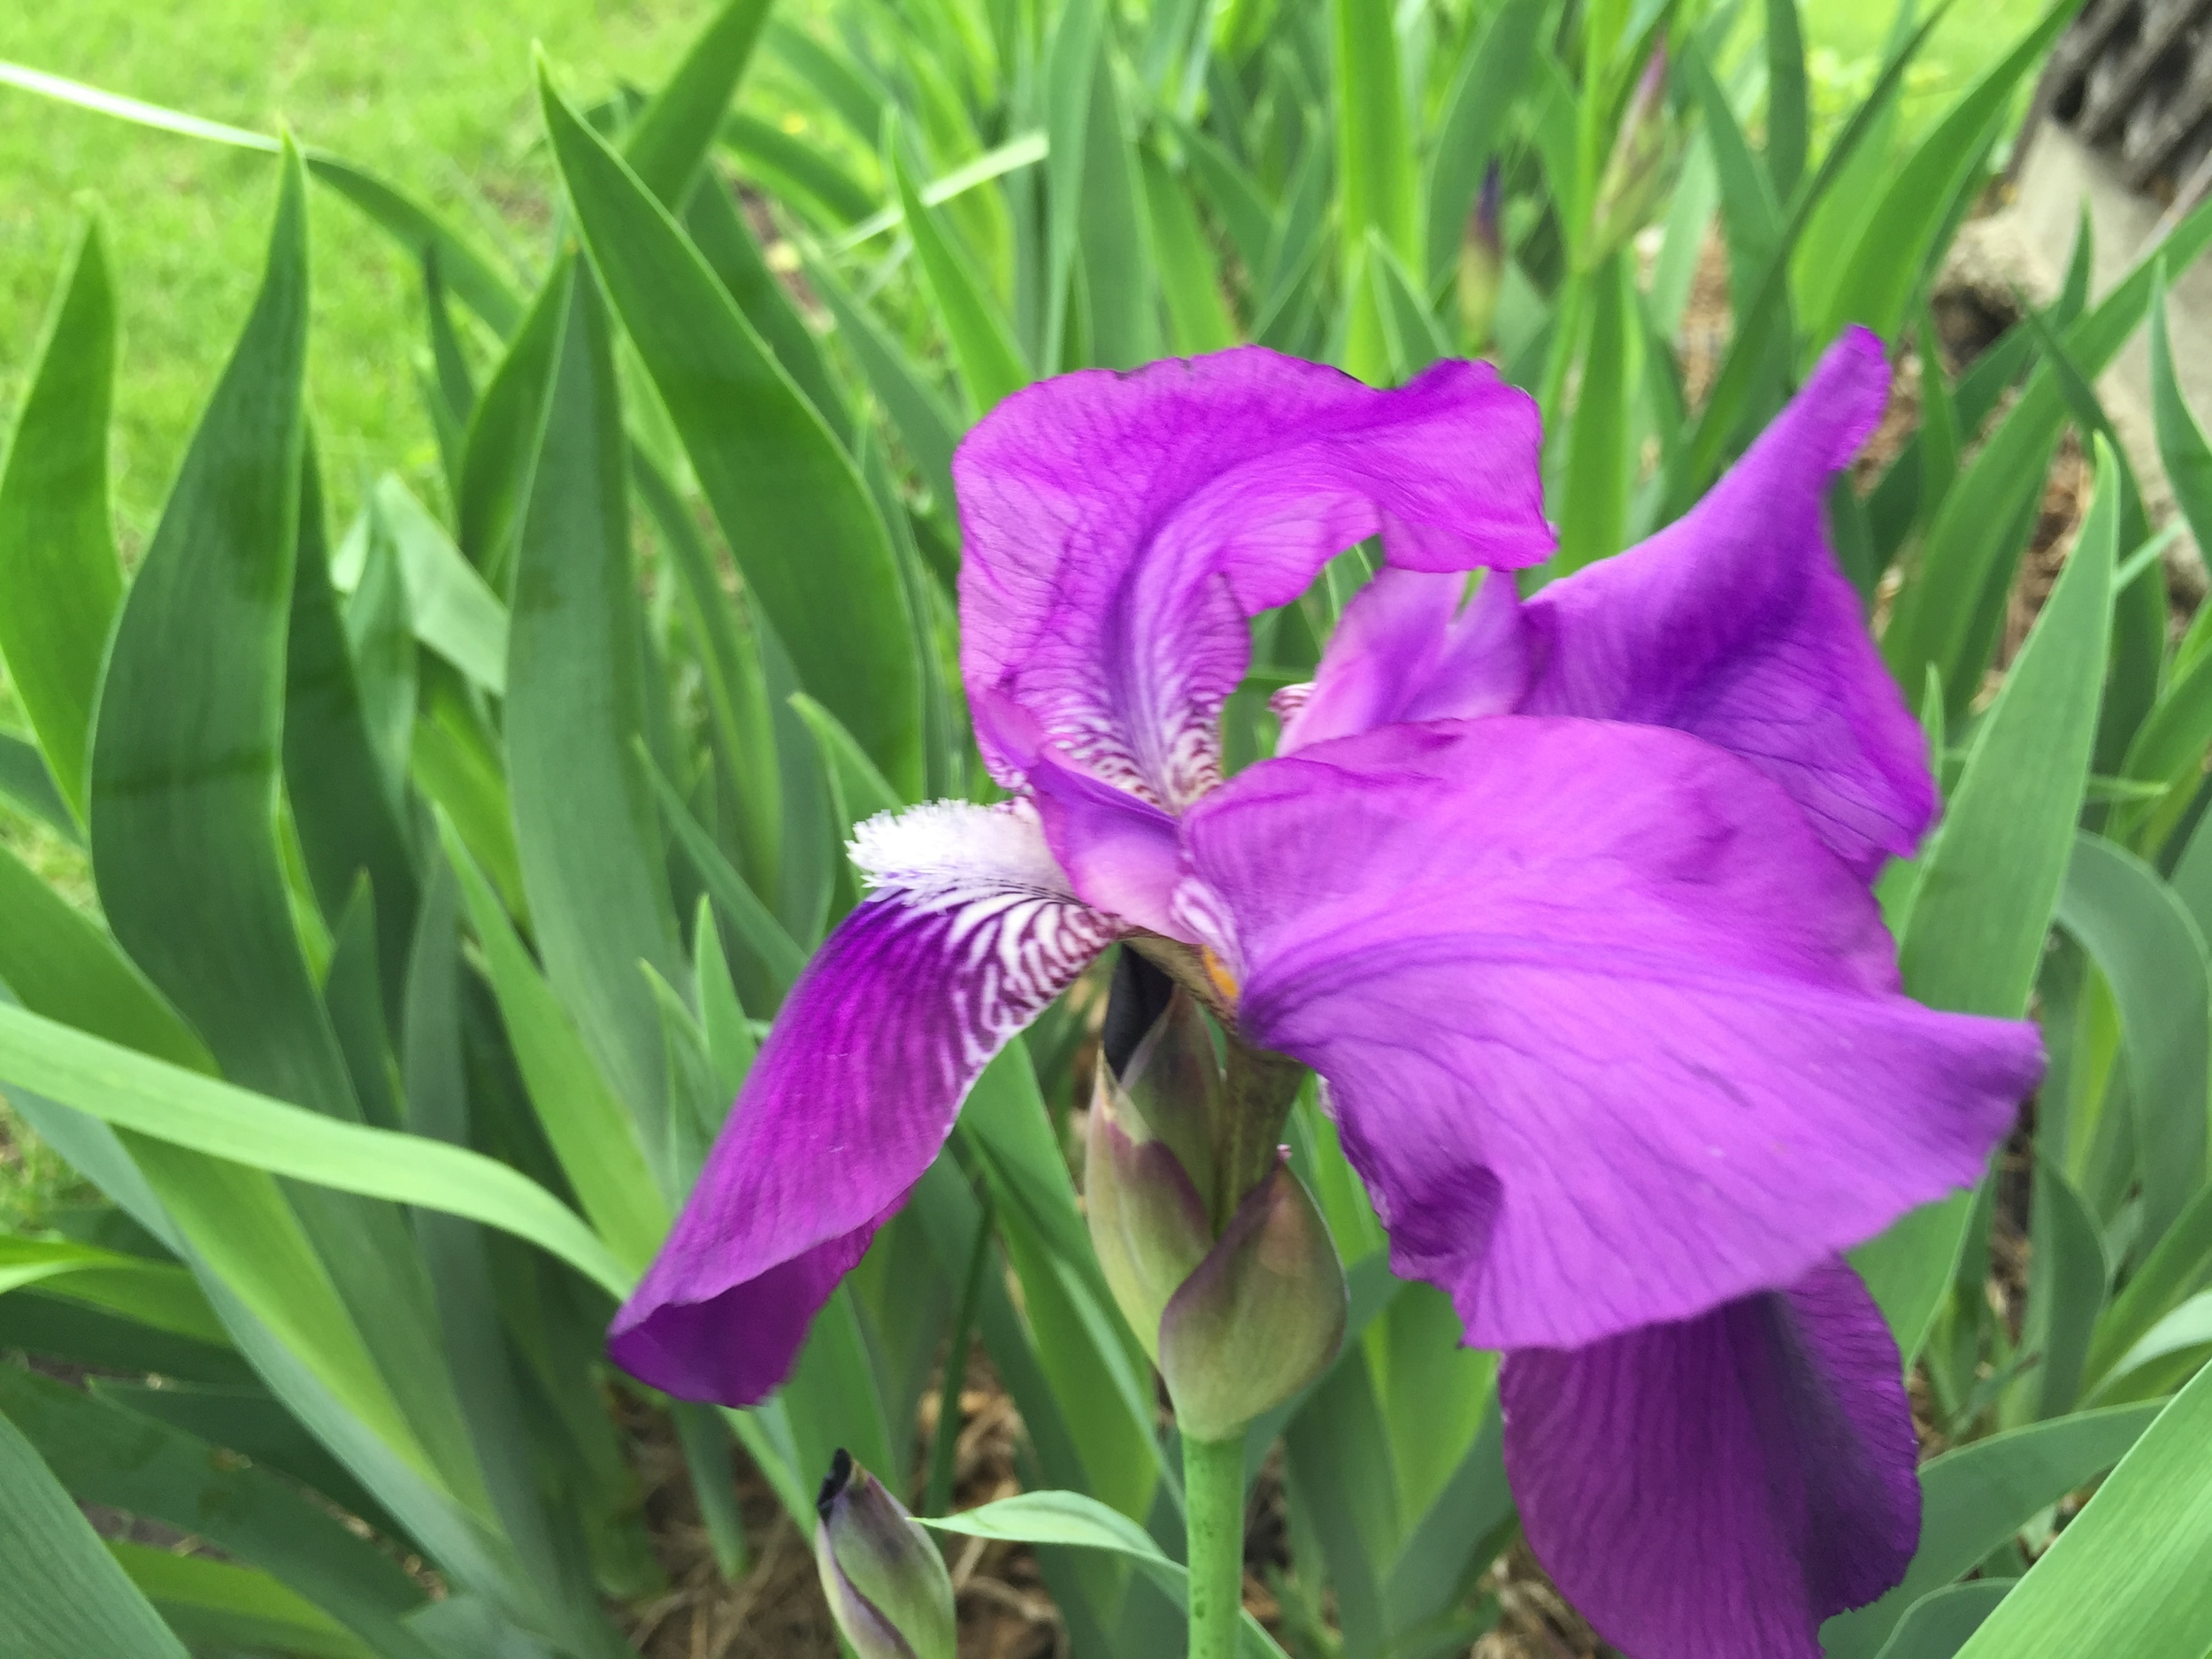 This iris is quite nice.